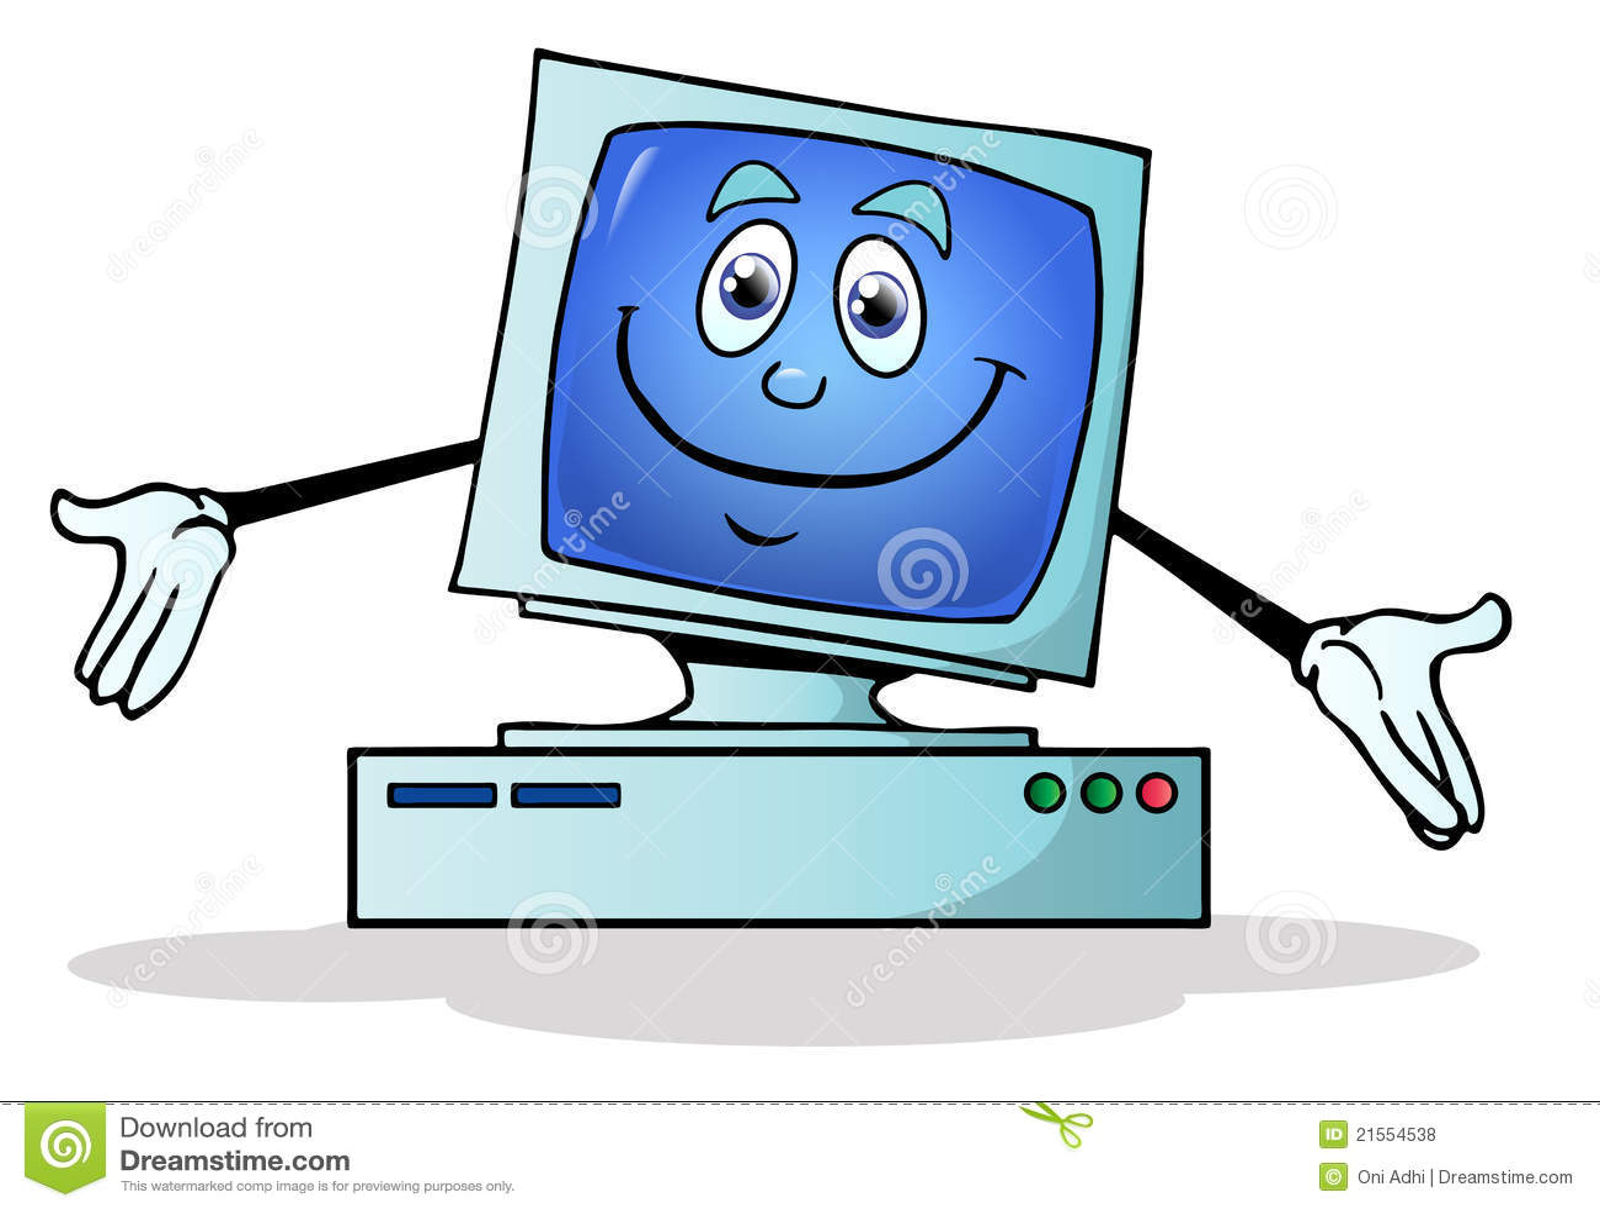 Illustrazione di un calcolatore felice